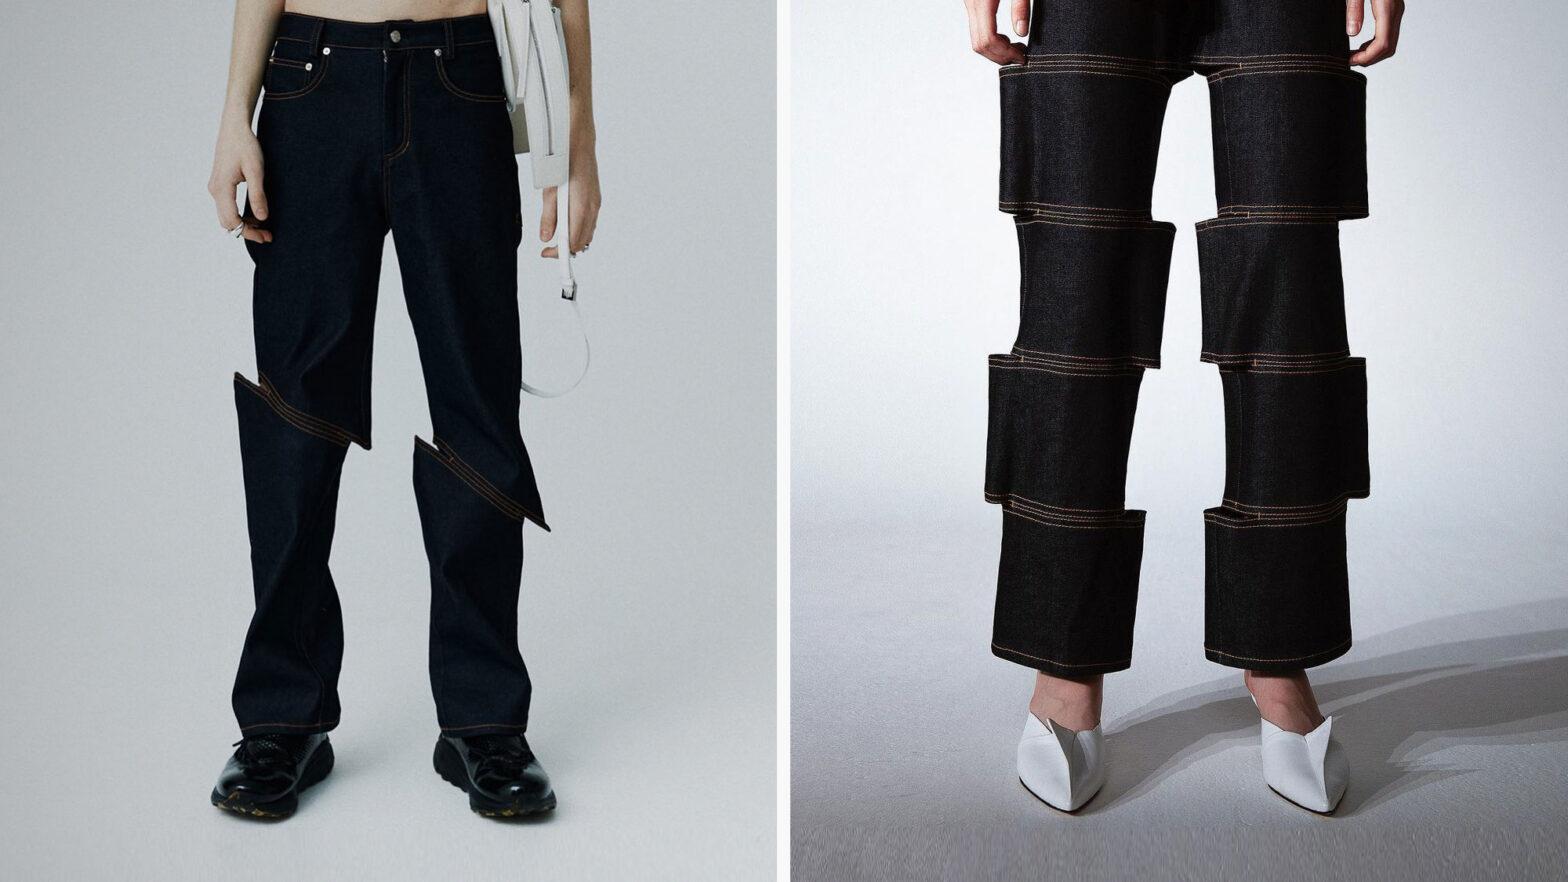 LEJE L and Slash Jeans